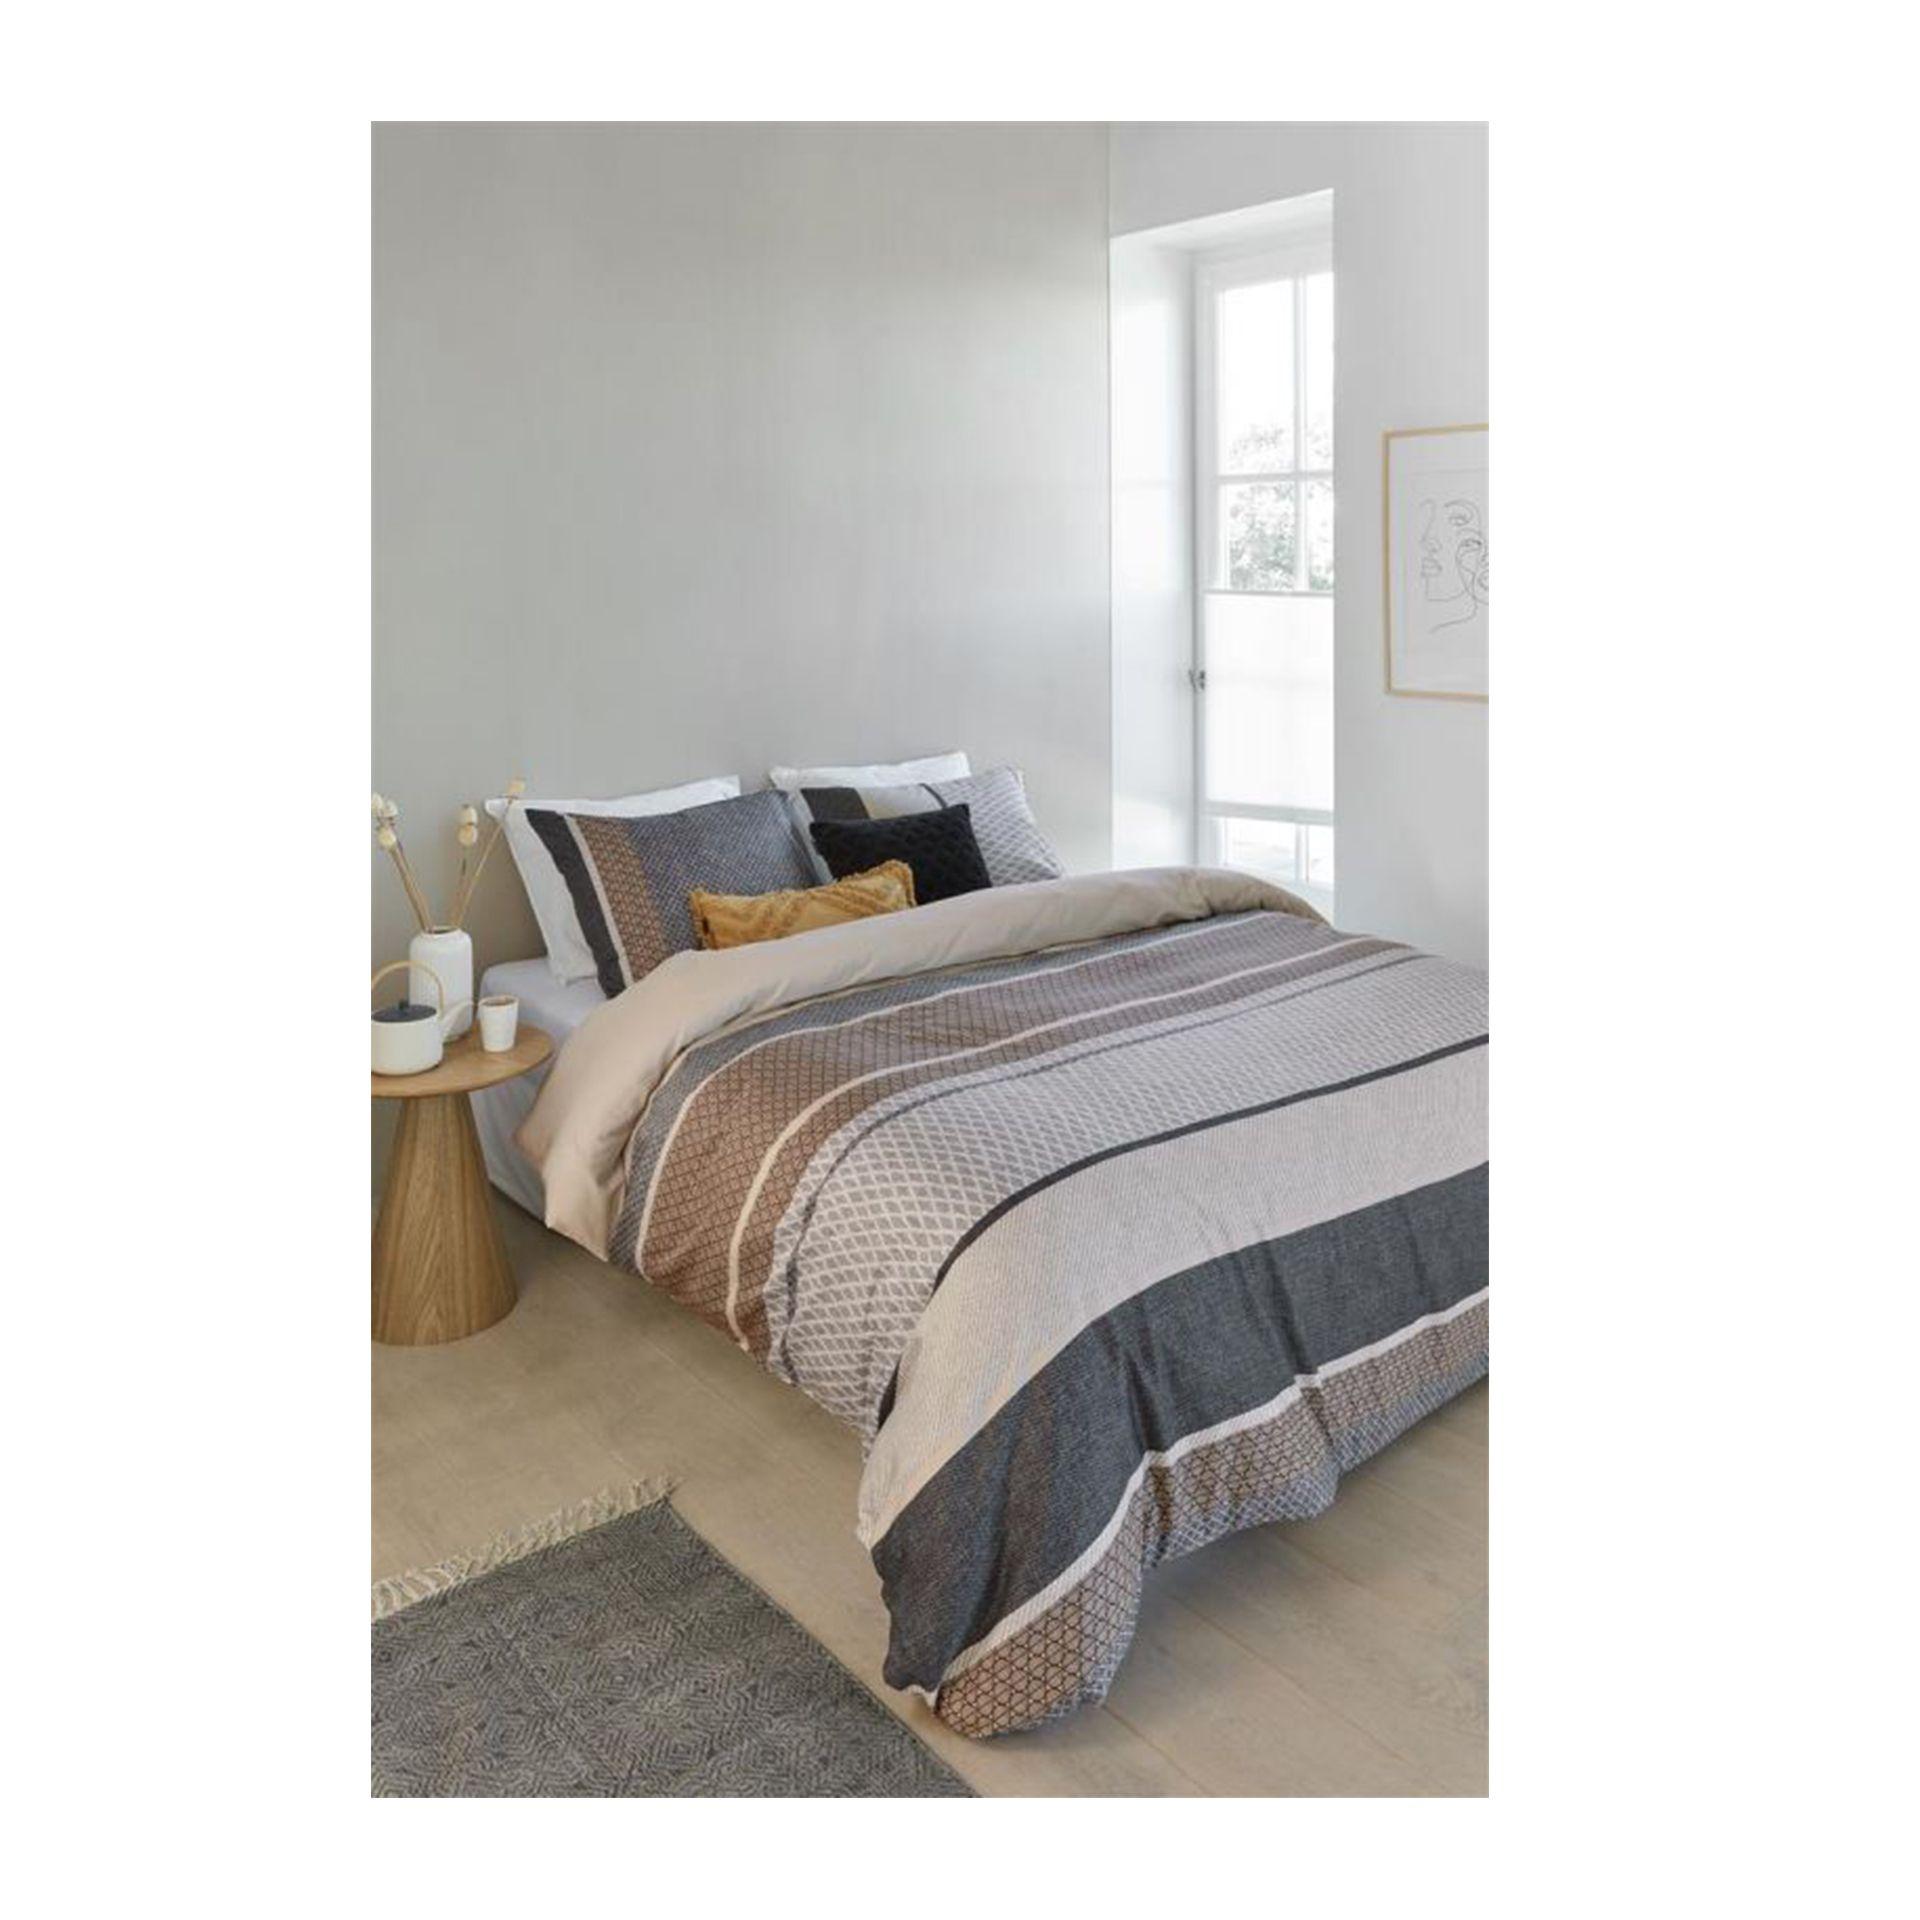 Beddinghouse - Lian grey dekbedovertrek